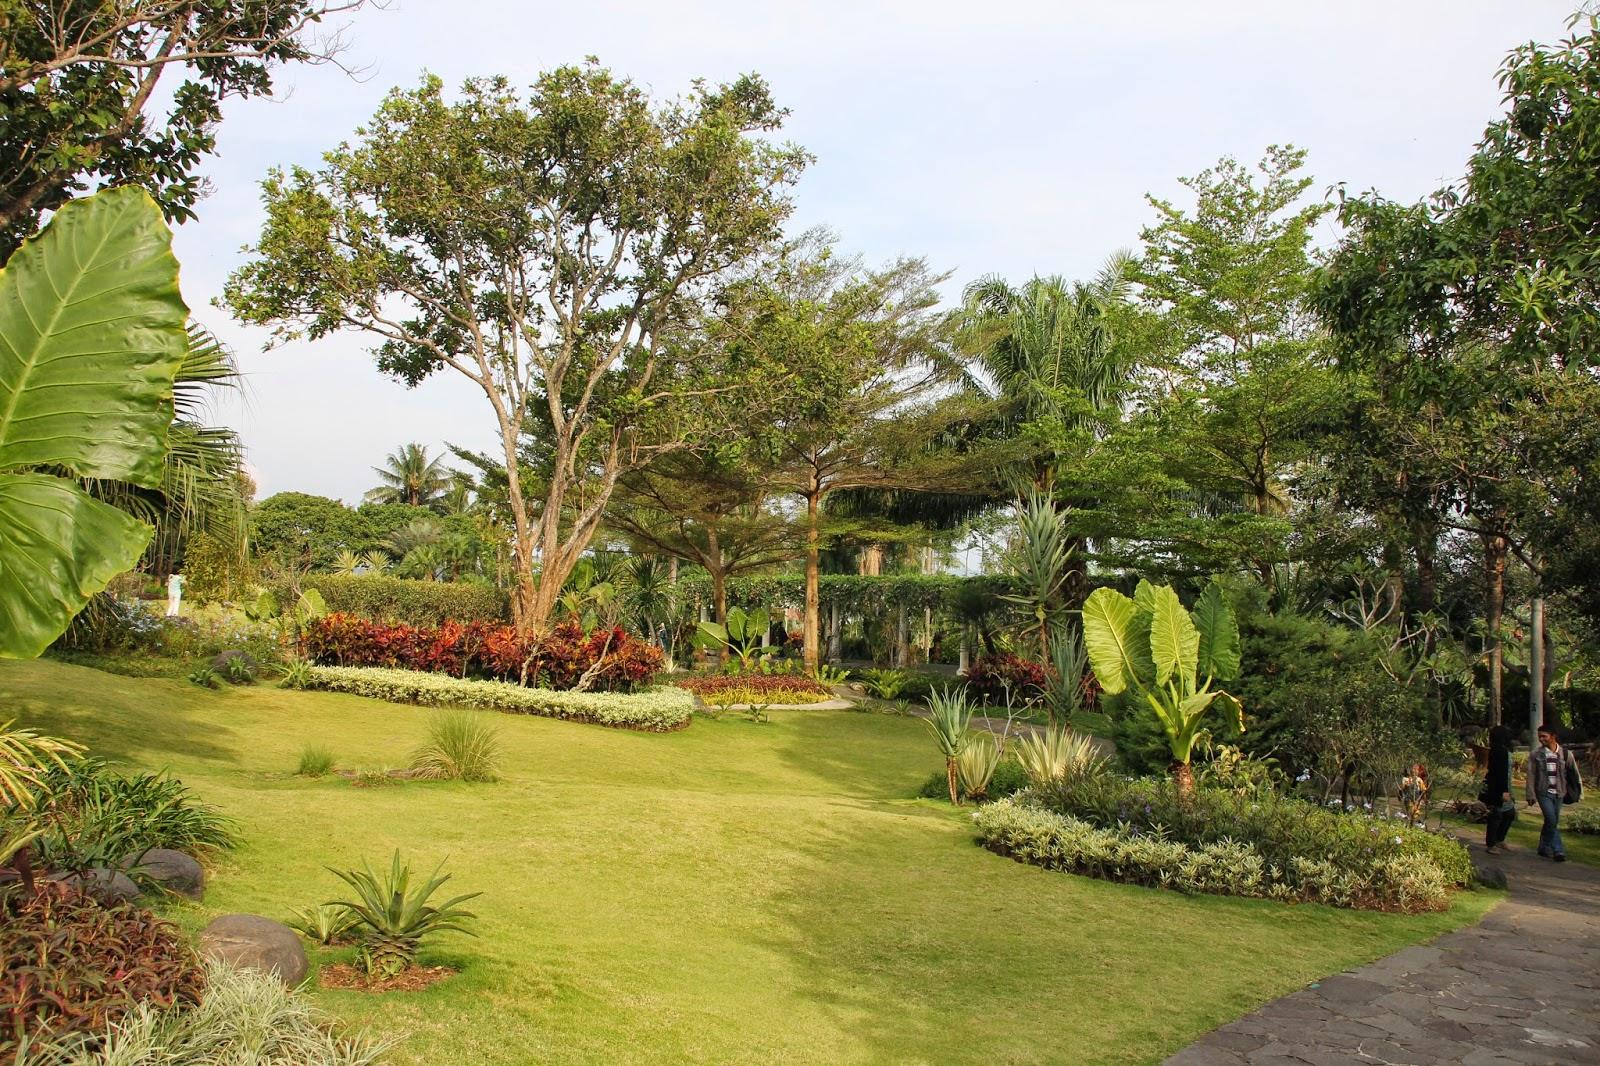 Liburan Yuk Gua Maria Kerep Ambarawa Kab Semarang